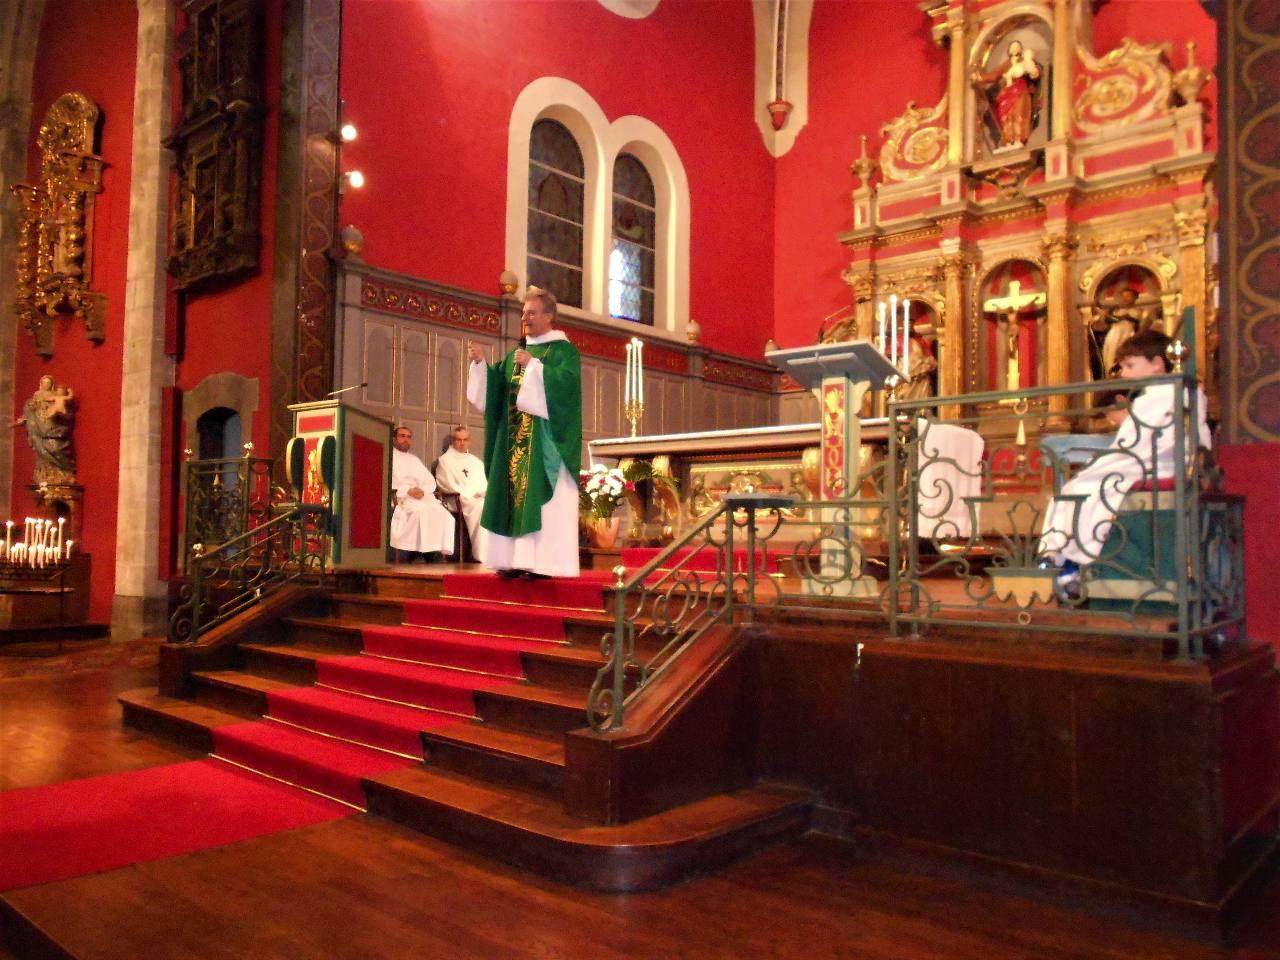 Homélie de l'abbé Jean-Marc Lavigne : tout donner pour suivre jésus